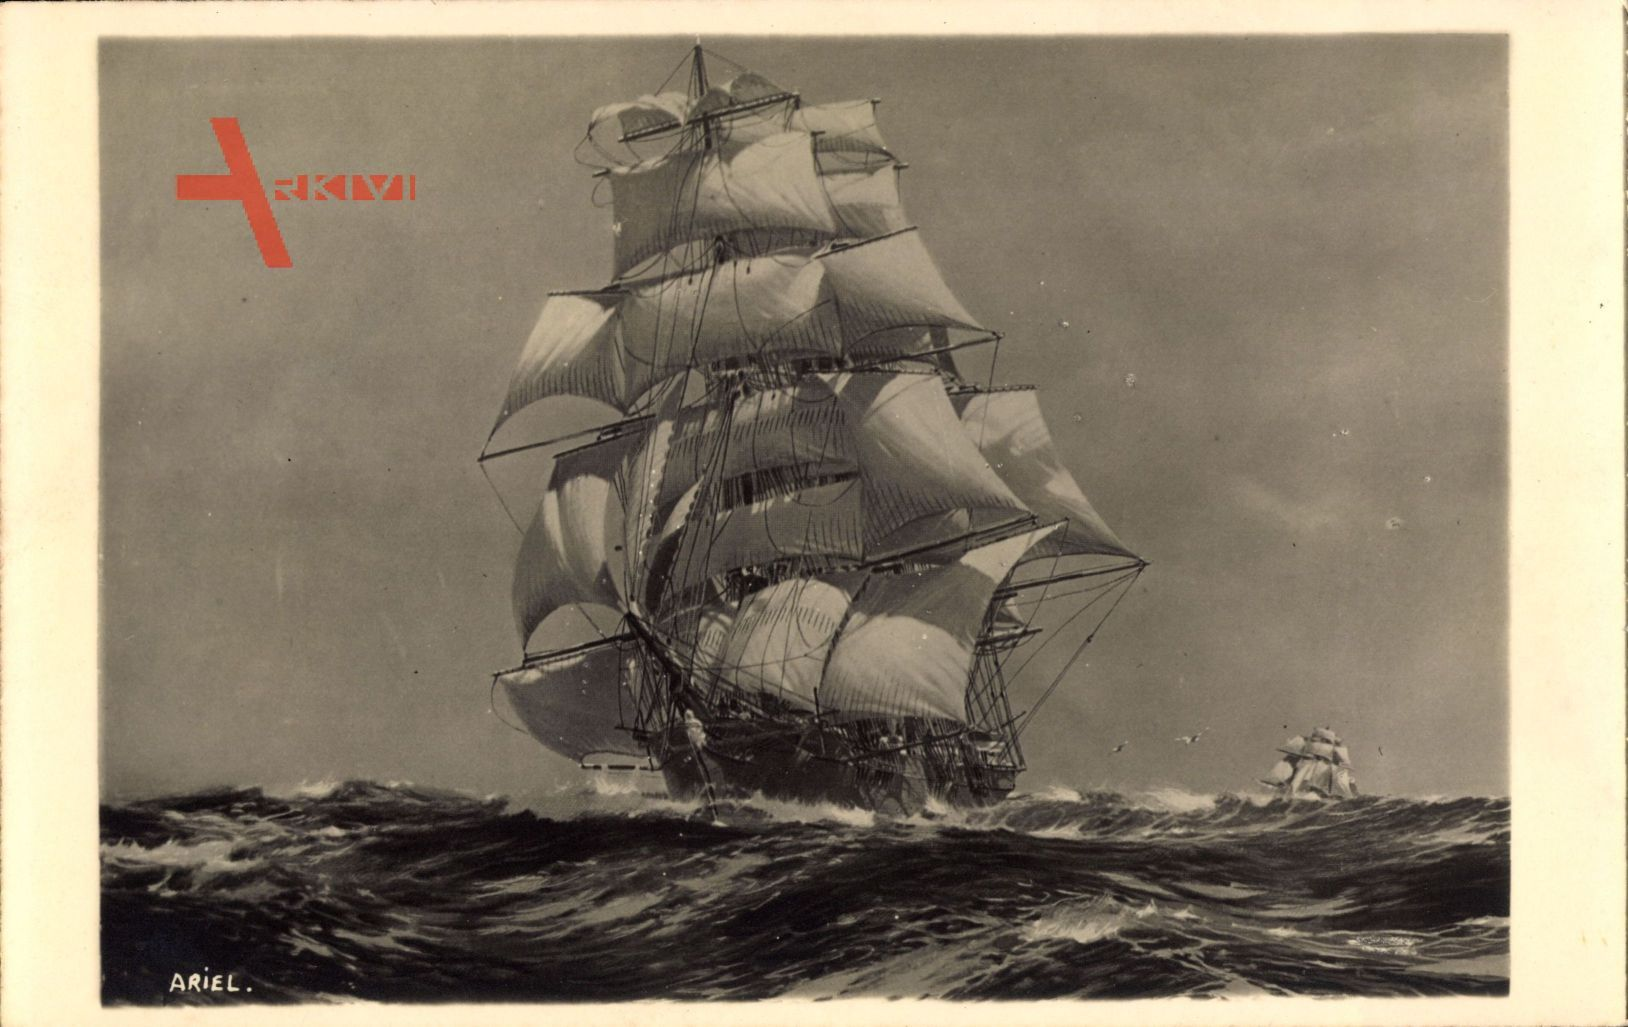 Segelschiff Ariel, Britisch, Erbaut 1865, Dreimastbark